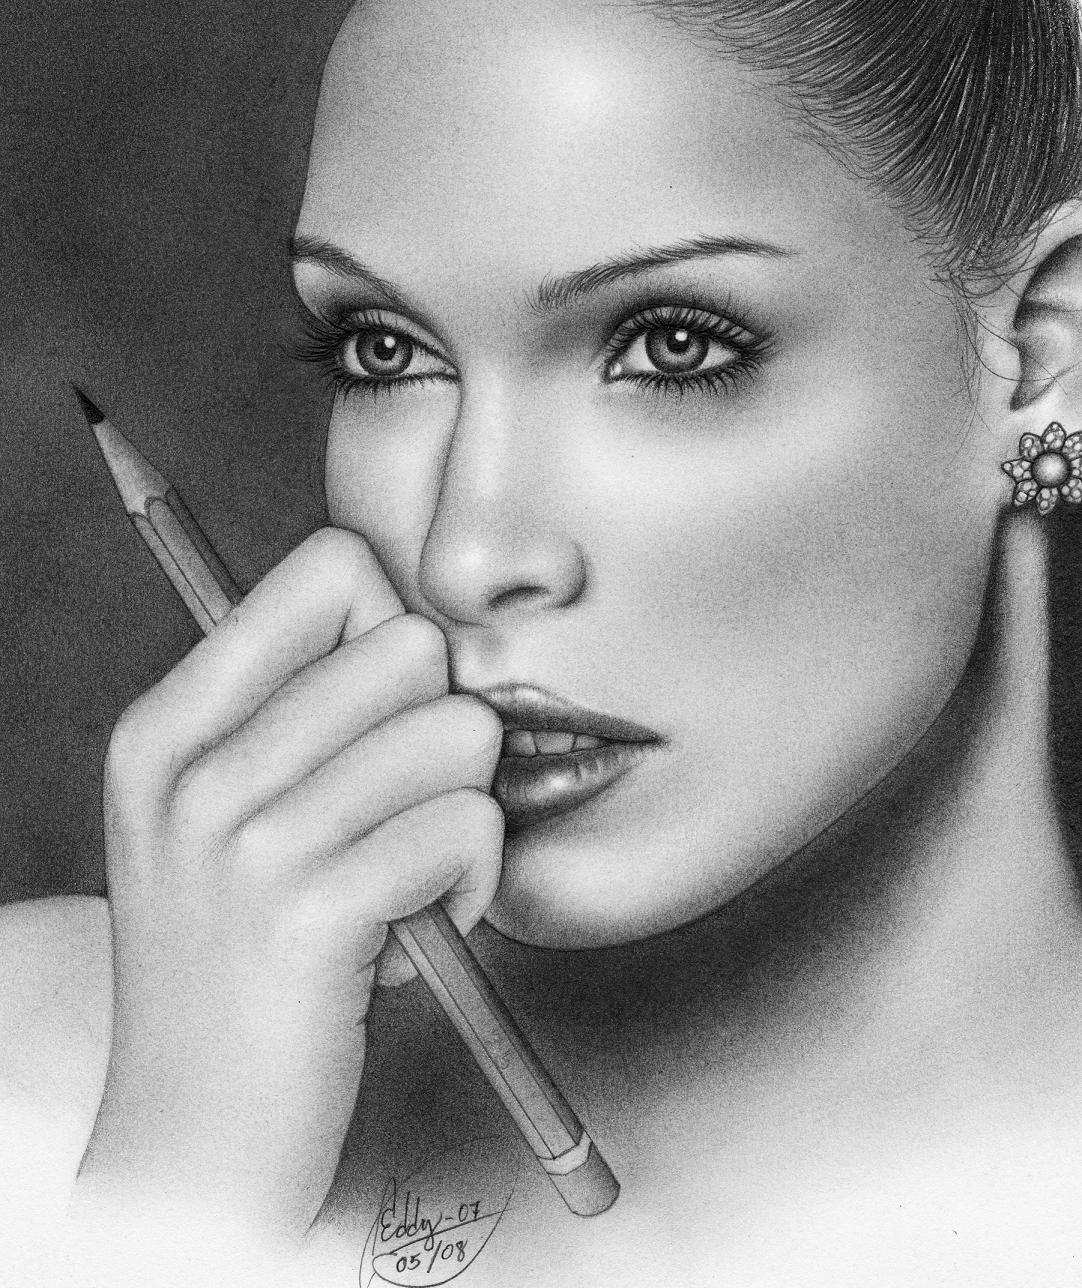 I_love_Drawing_by_Arteddy.jpg